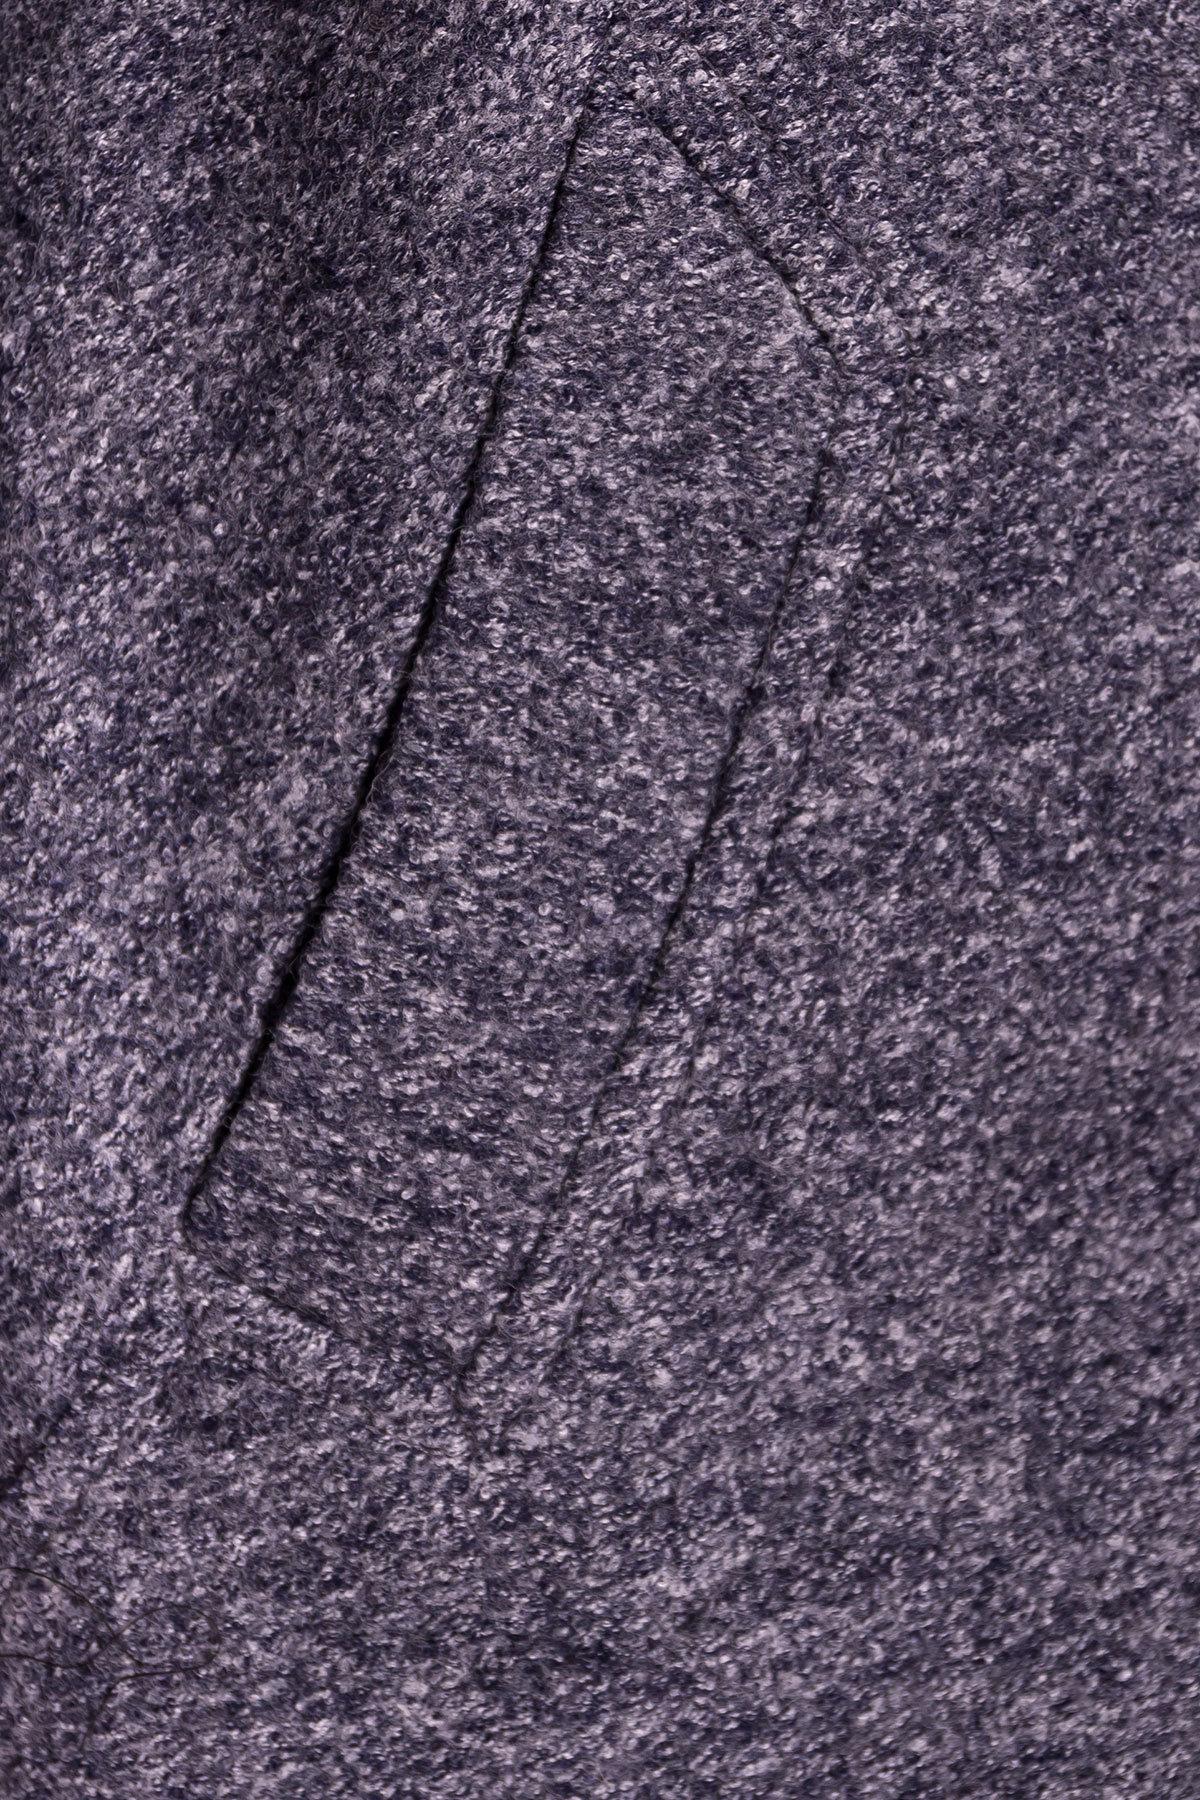 Пальто Арсина Donna 4451 АРТ. 21631 Цвет: Серый темный LW-22 - фото 5, интернет магазин tm-modus.ru